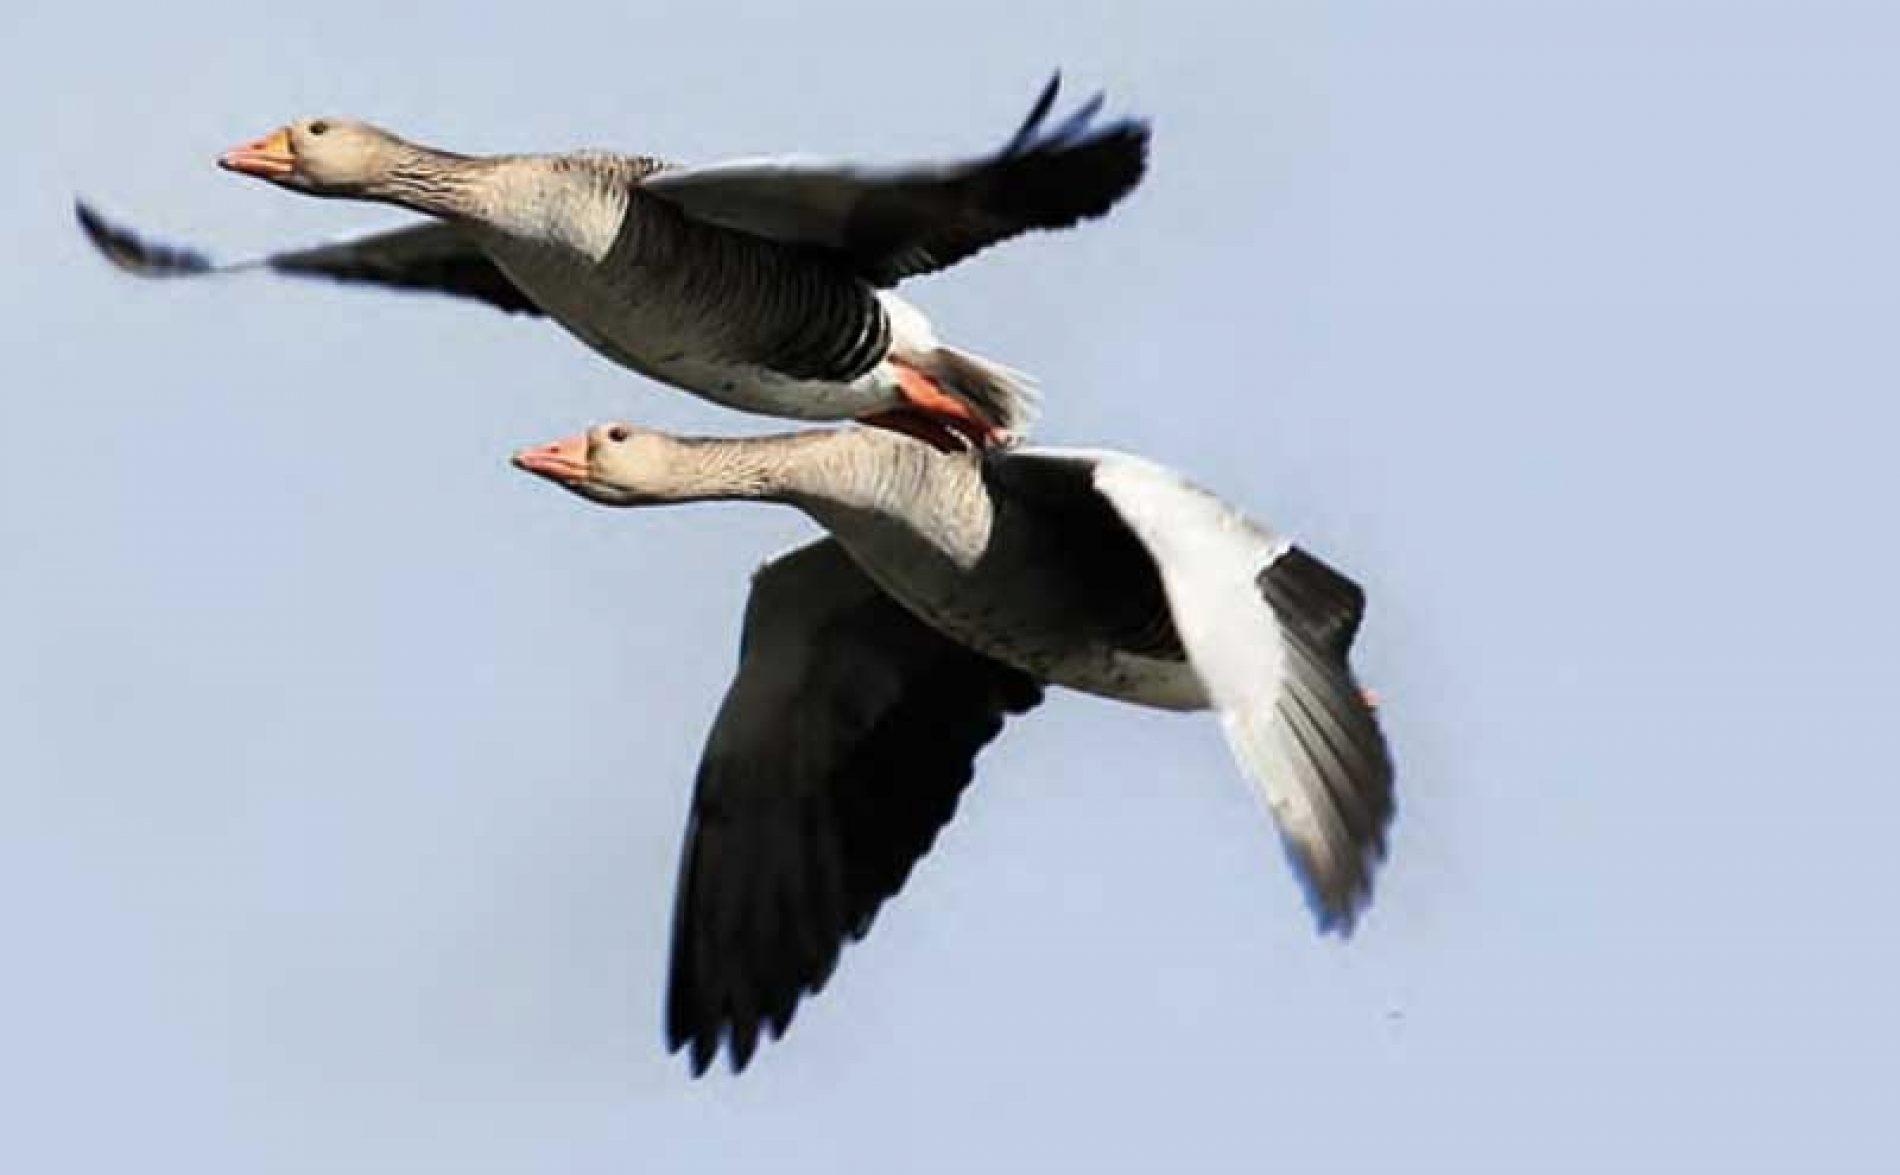 Aspectos legales  de la caza de patos